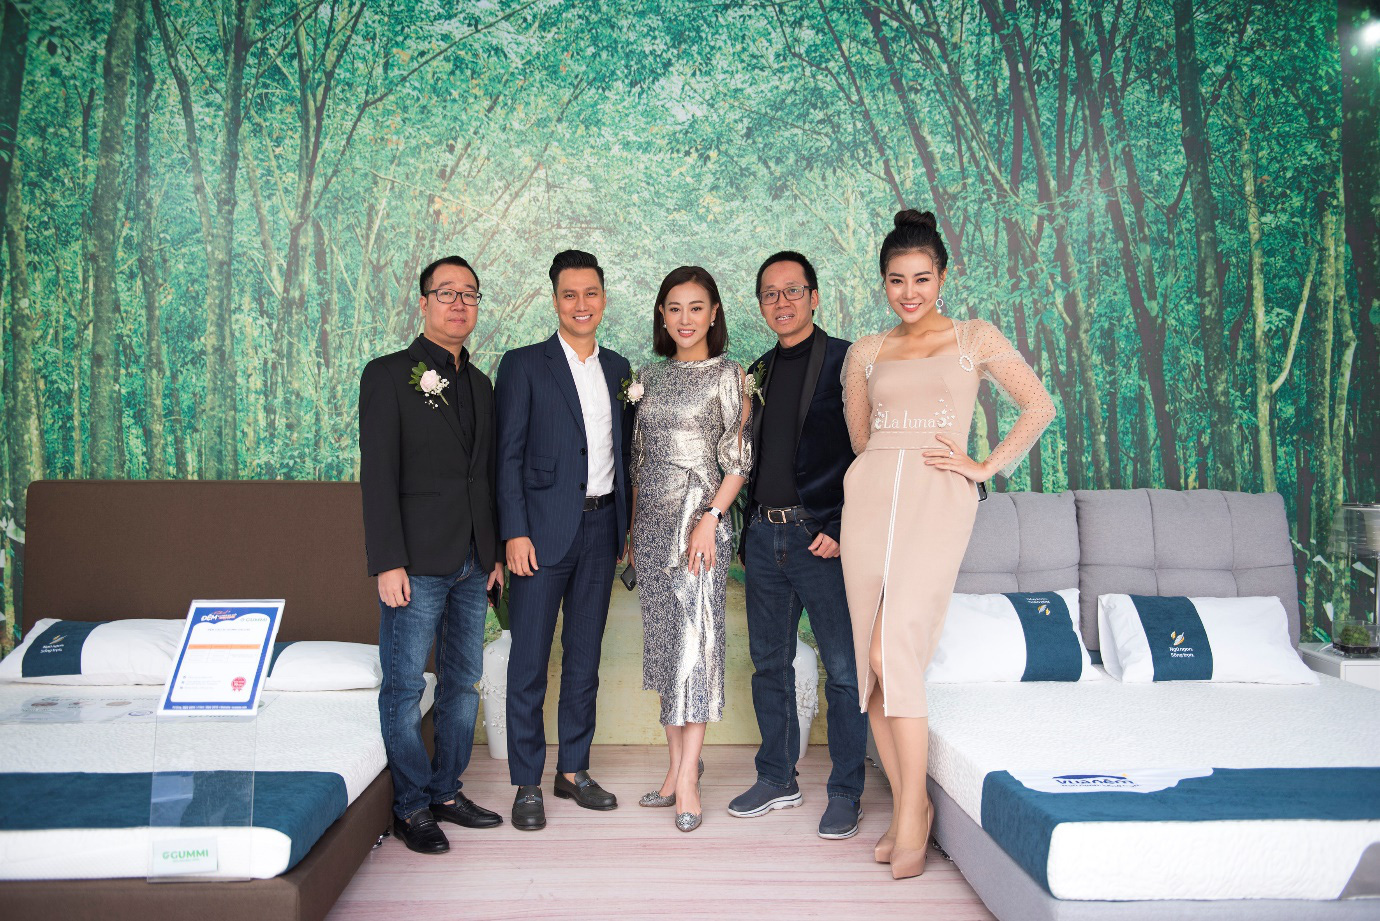 Việt Anh, Thanh Hương cùng dàn nghệ sĩ đình đám quy tụ tại Festival đệm và chăn ga gối Quốc tế 2019 - Ảnh 1.